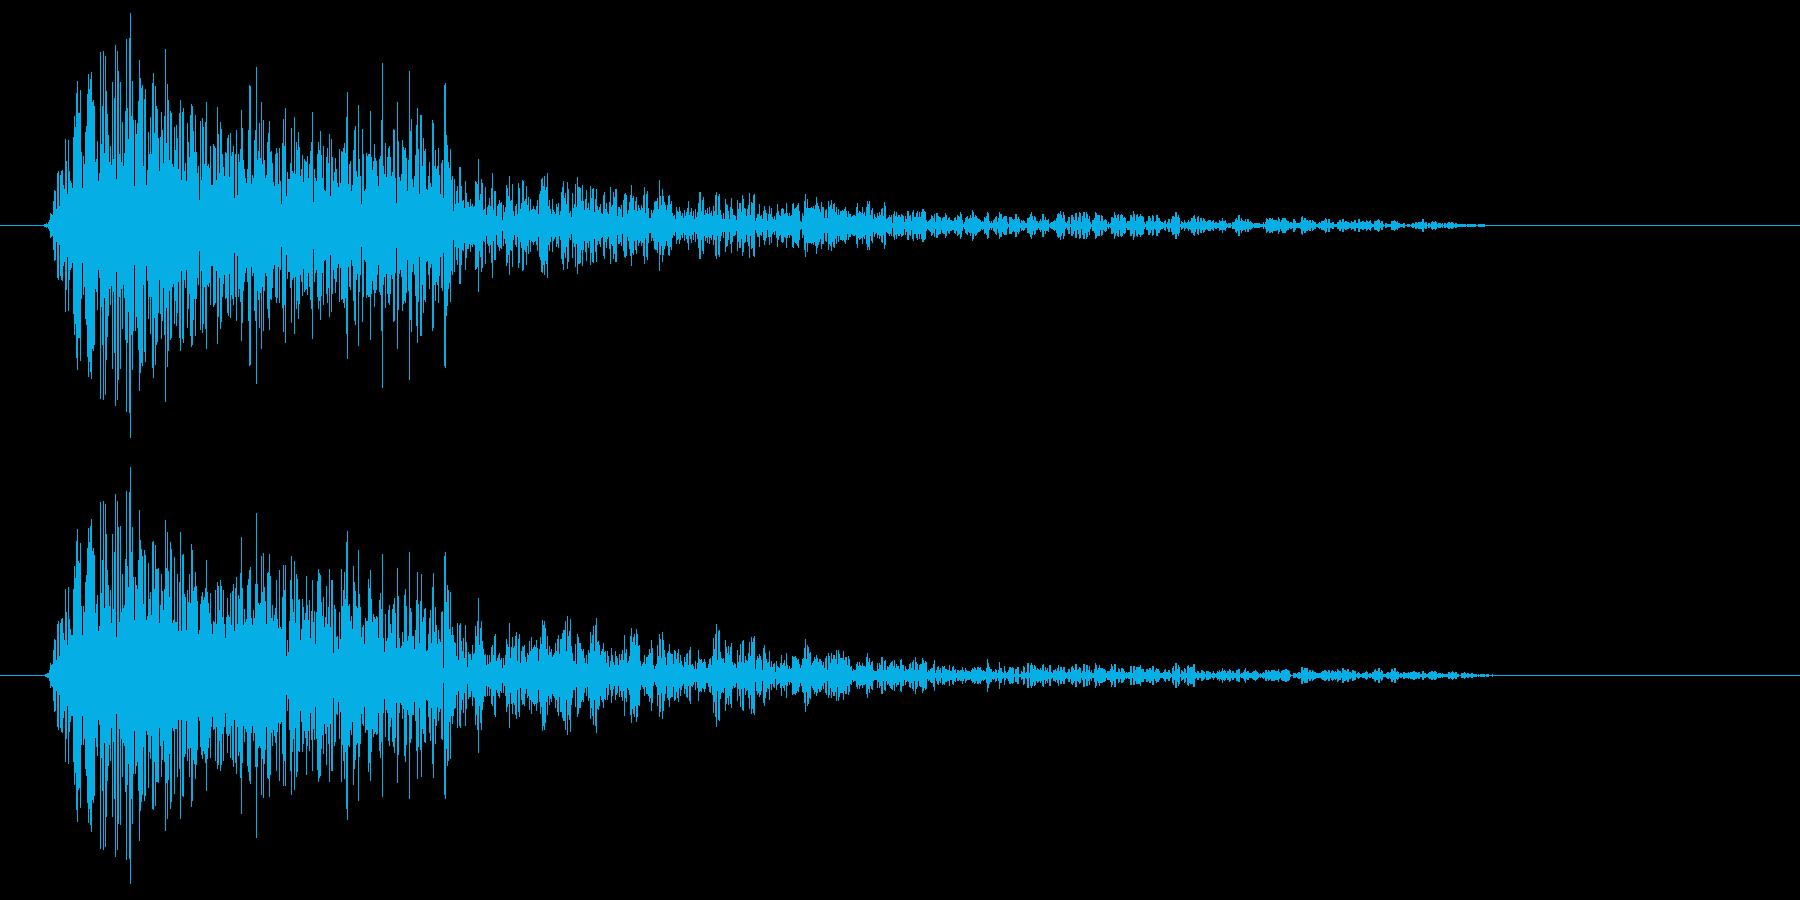 アイテムに触れたときの音の再生済みの波形